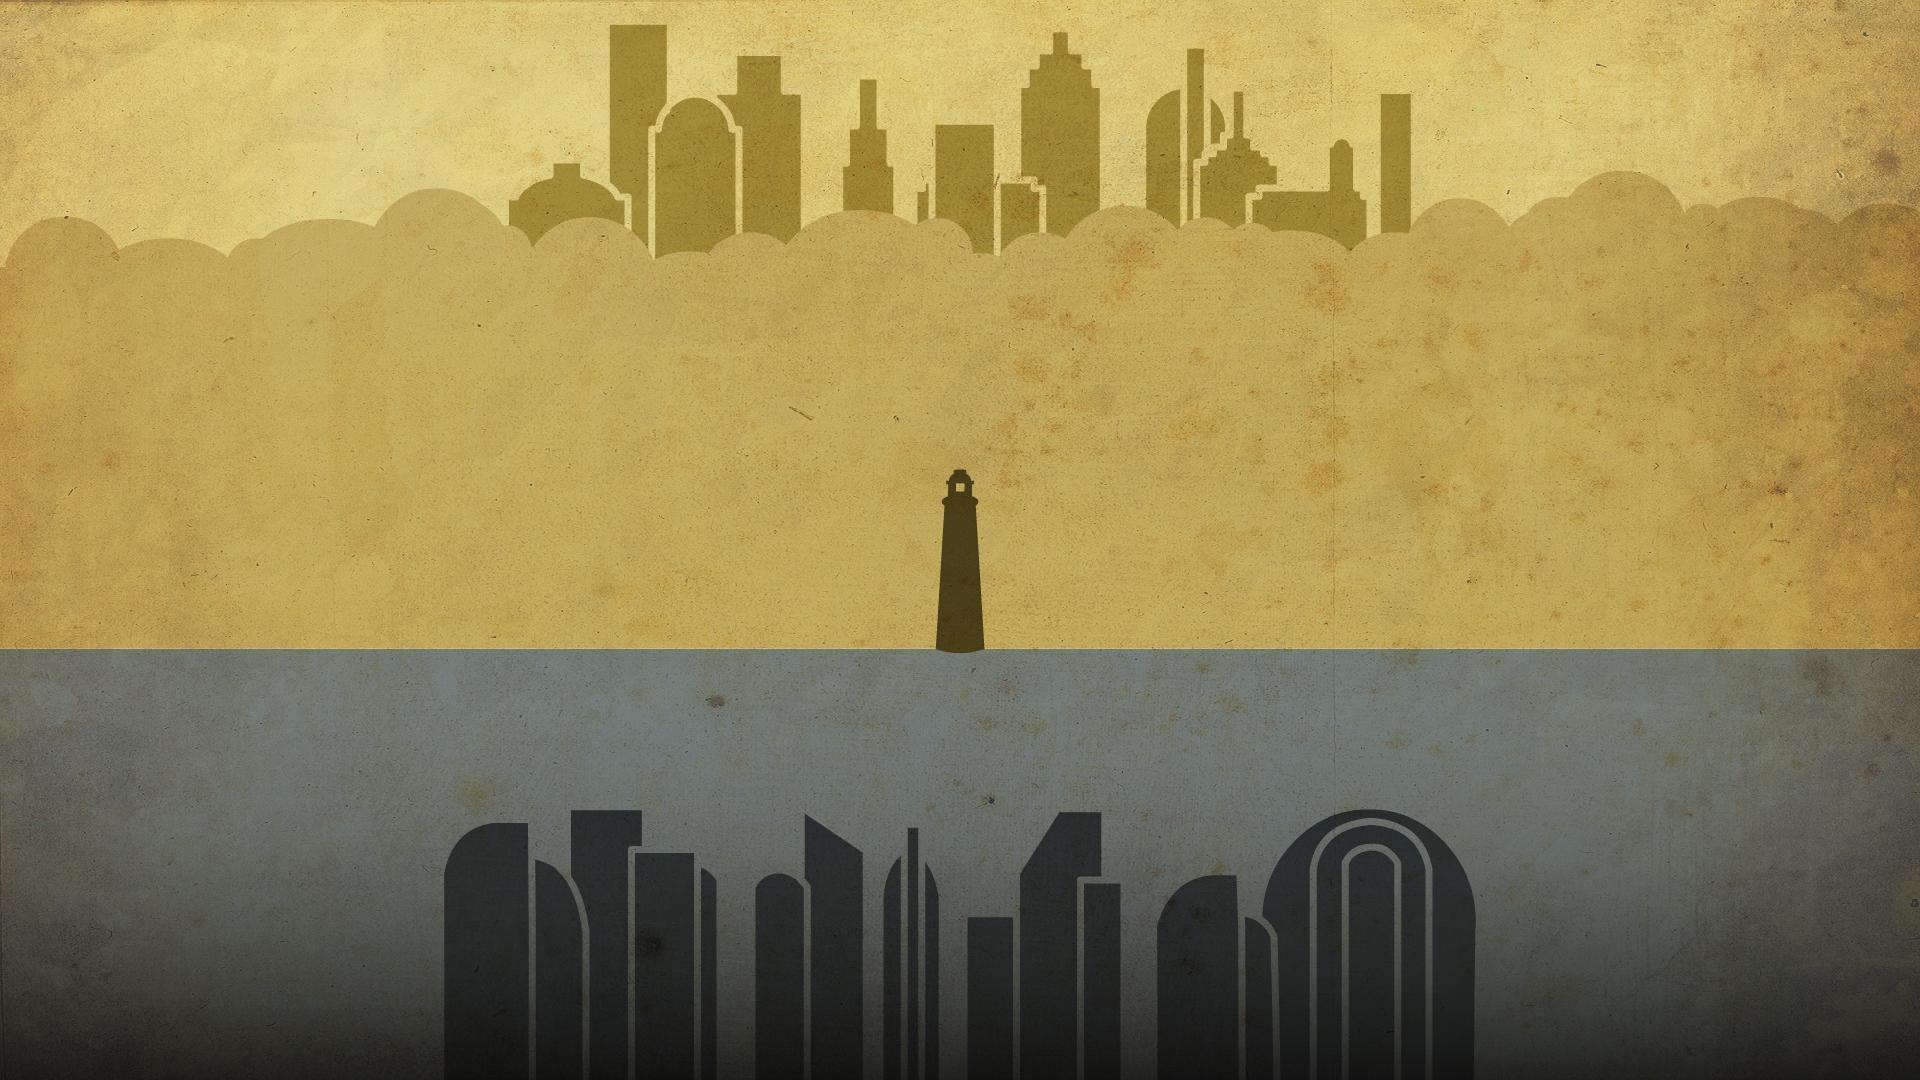 Rapture BioShock Wallpapers (48 Wallpapers)